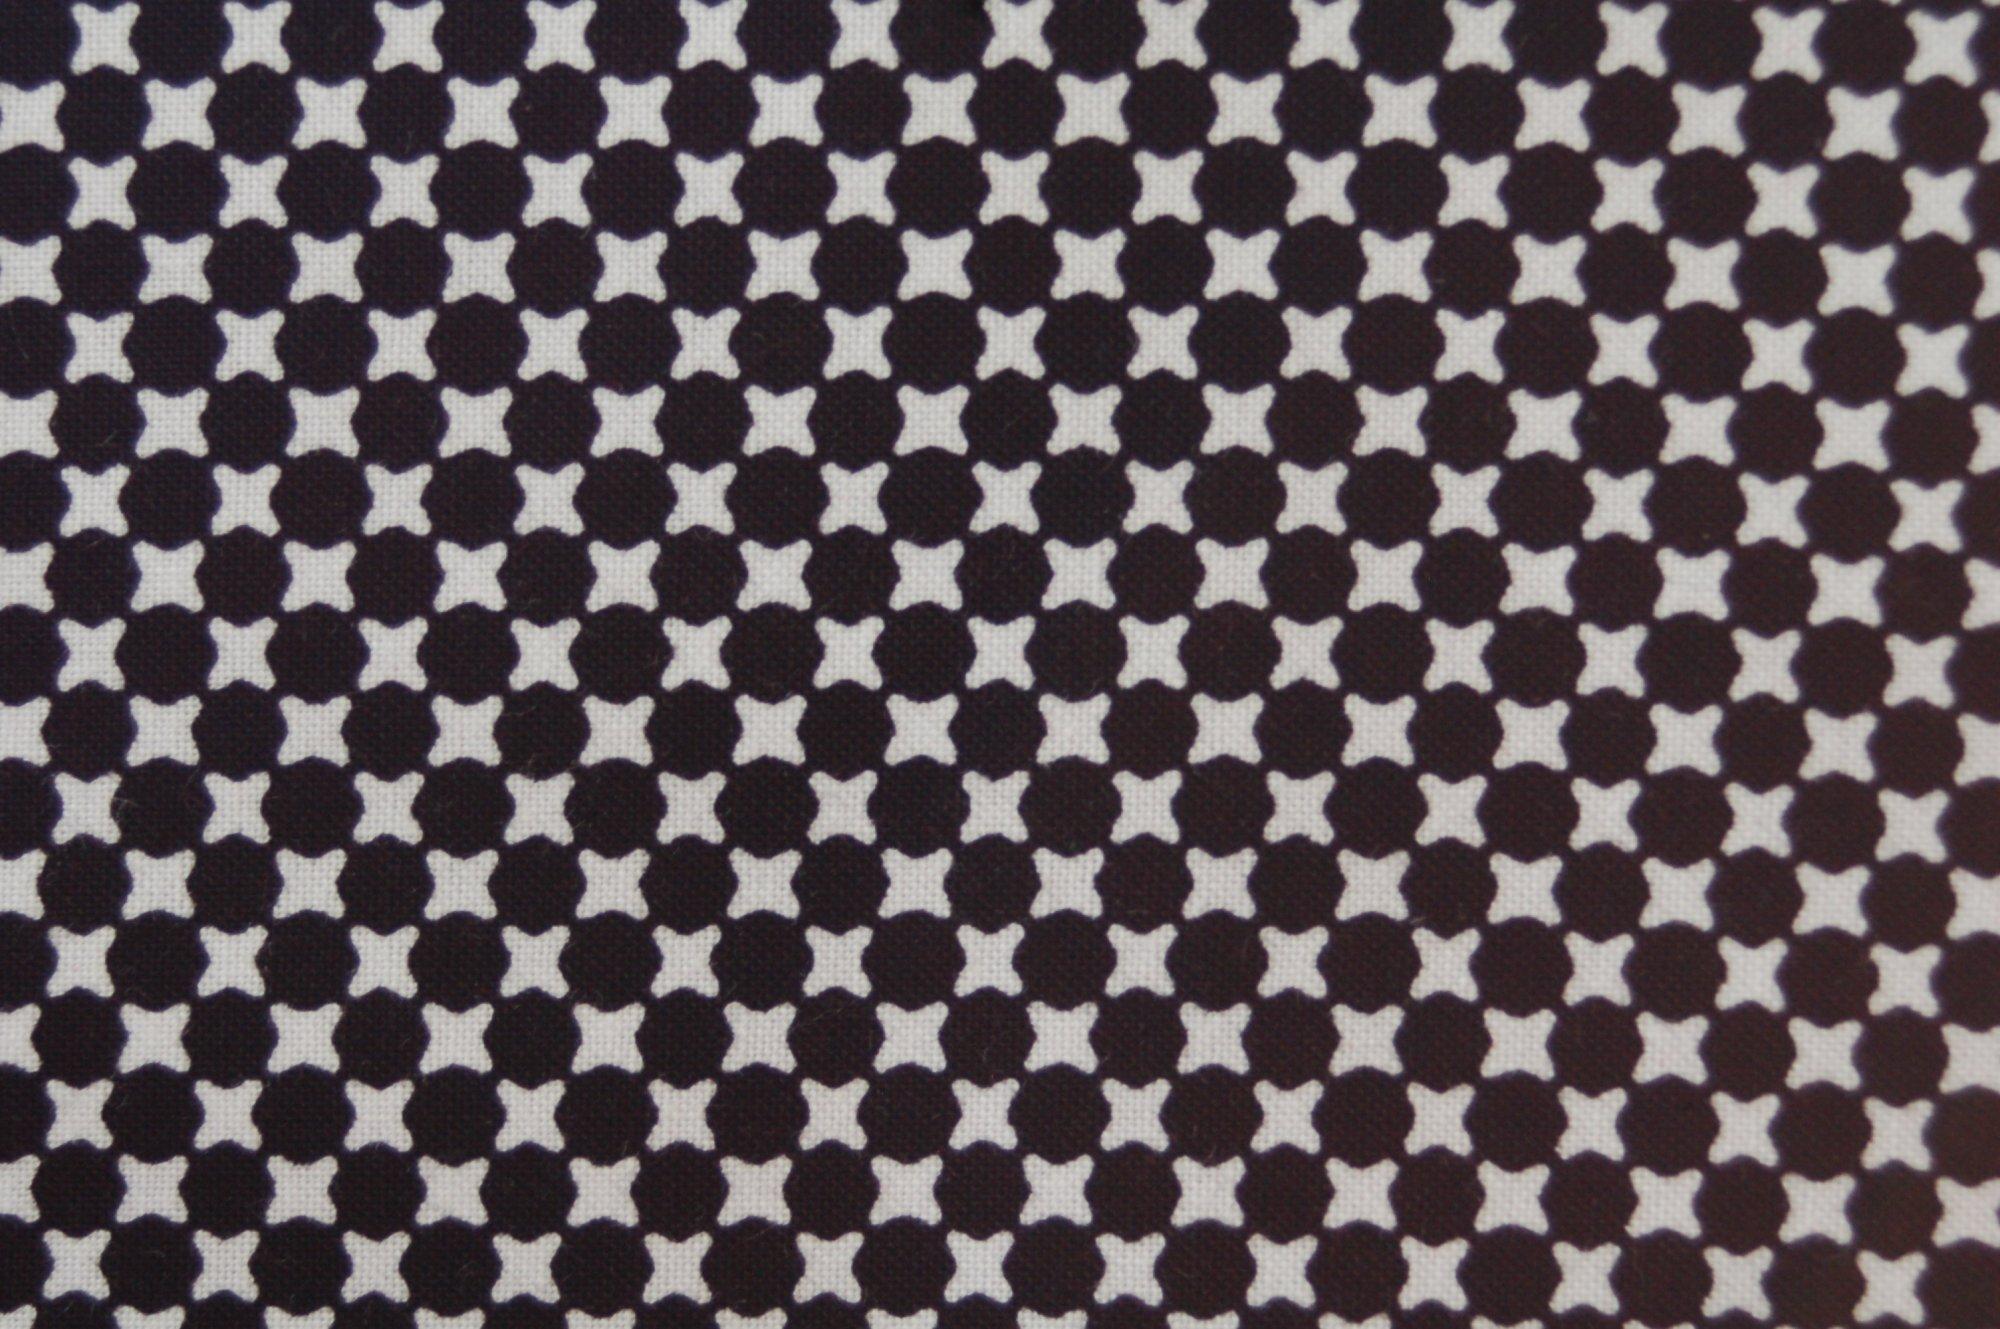 Essentials 9 Checkerboard from Studio E